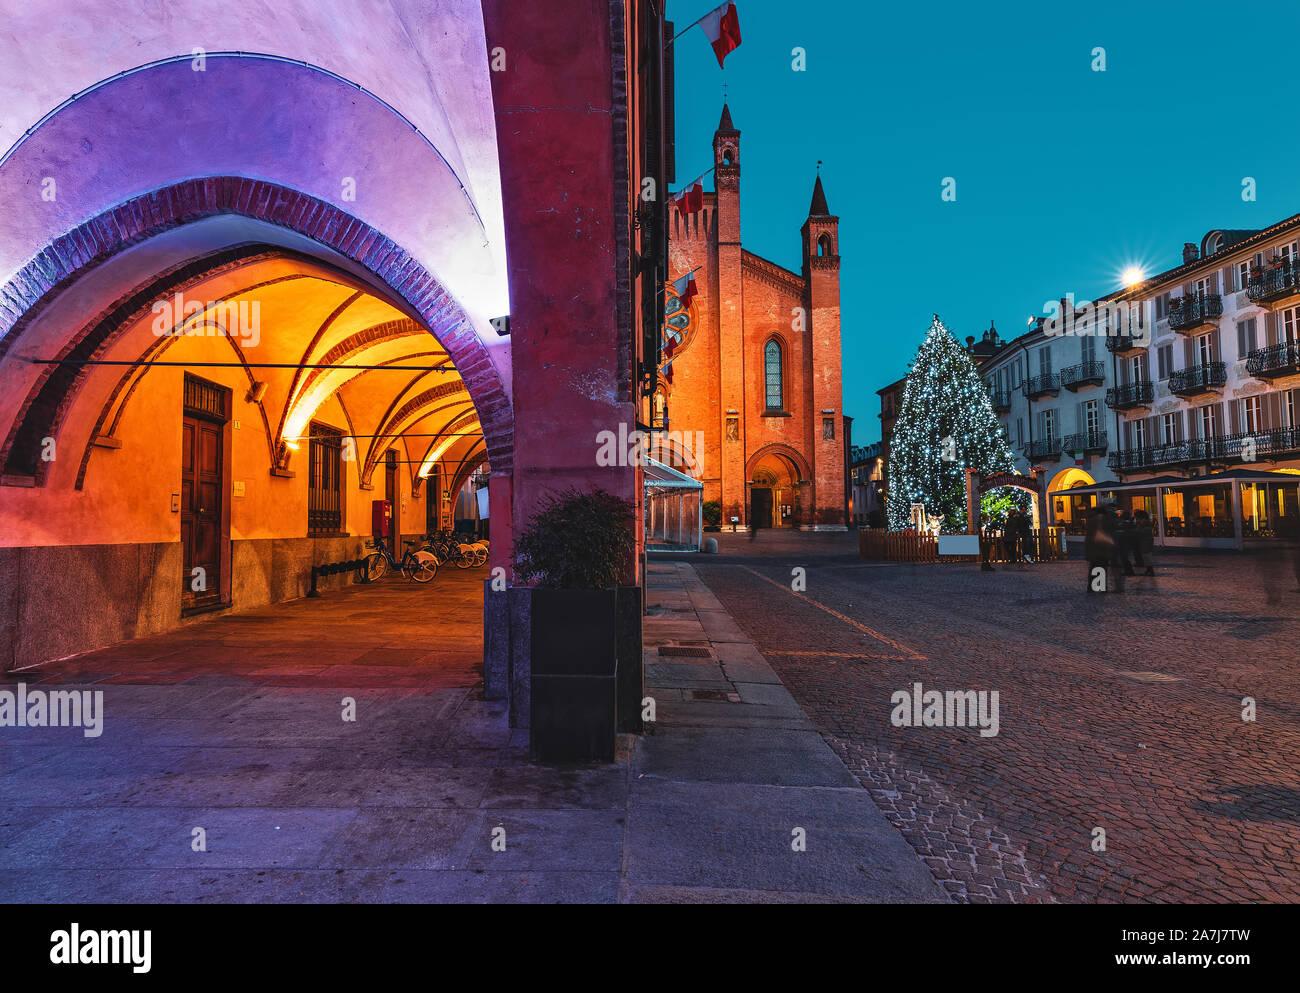 Vista de edificios iluminados y árbol de Navidad en la plaza de la ciudad de adoquines en la tarde en la pequeña ciudad de Alba, Piamonte, Norte de Italia. Foto de stock